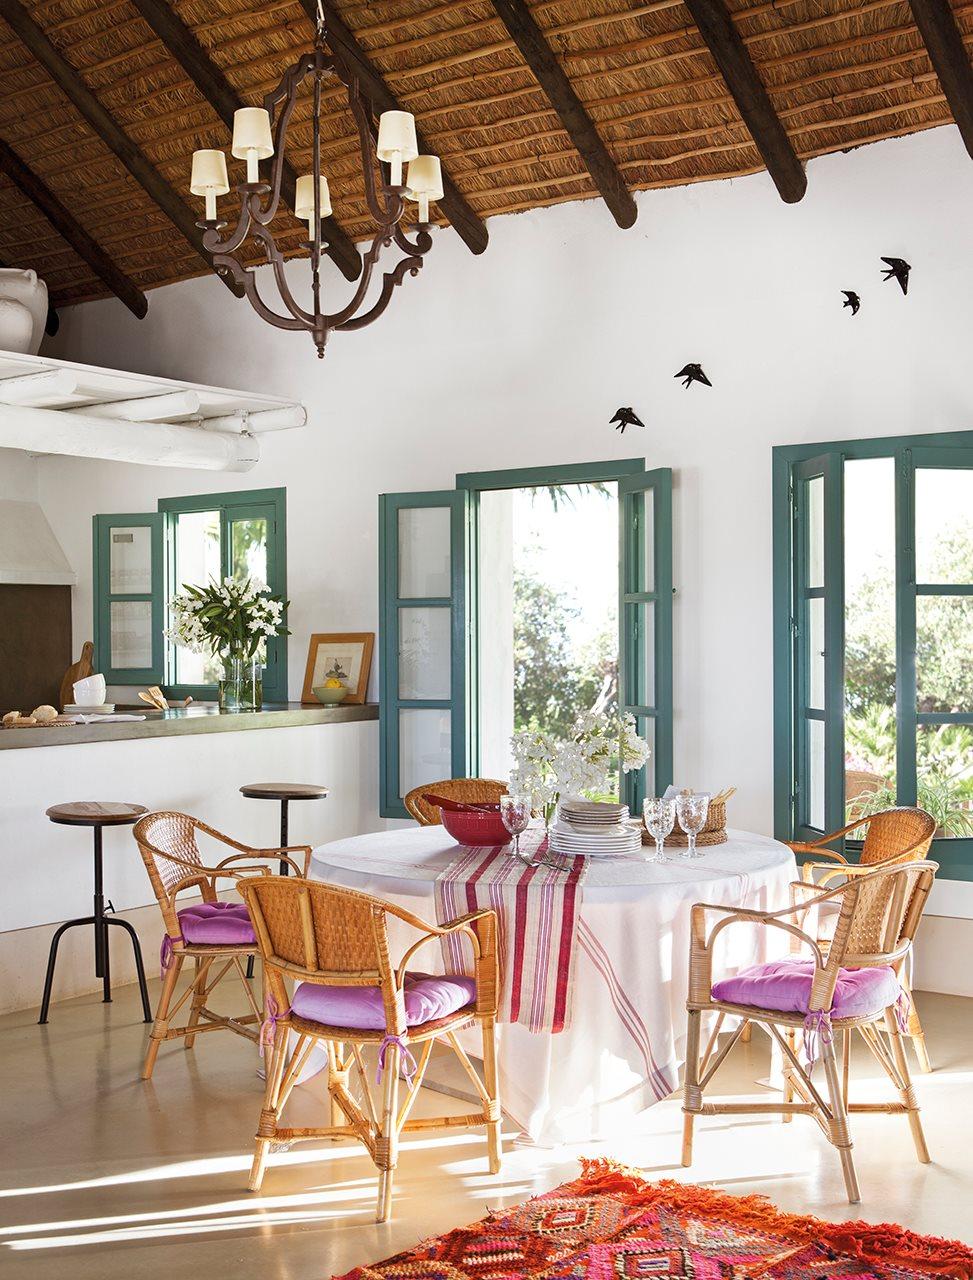 5 6 - Toque de encanto y color en Carmona (Sevilla): una casa entre olivos para alargar el verano